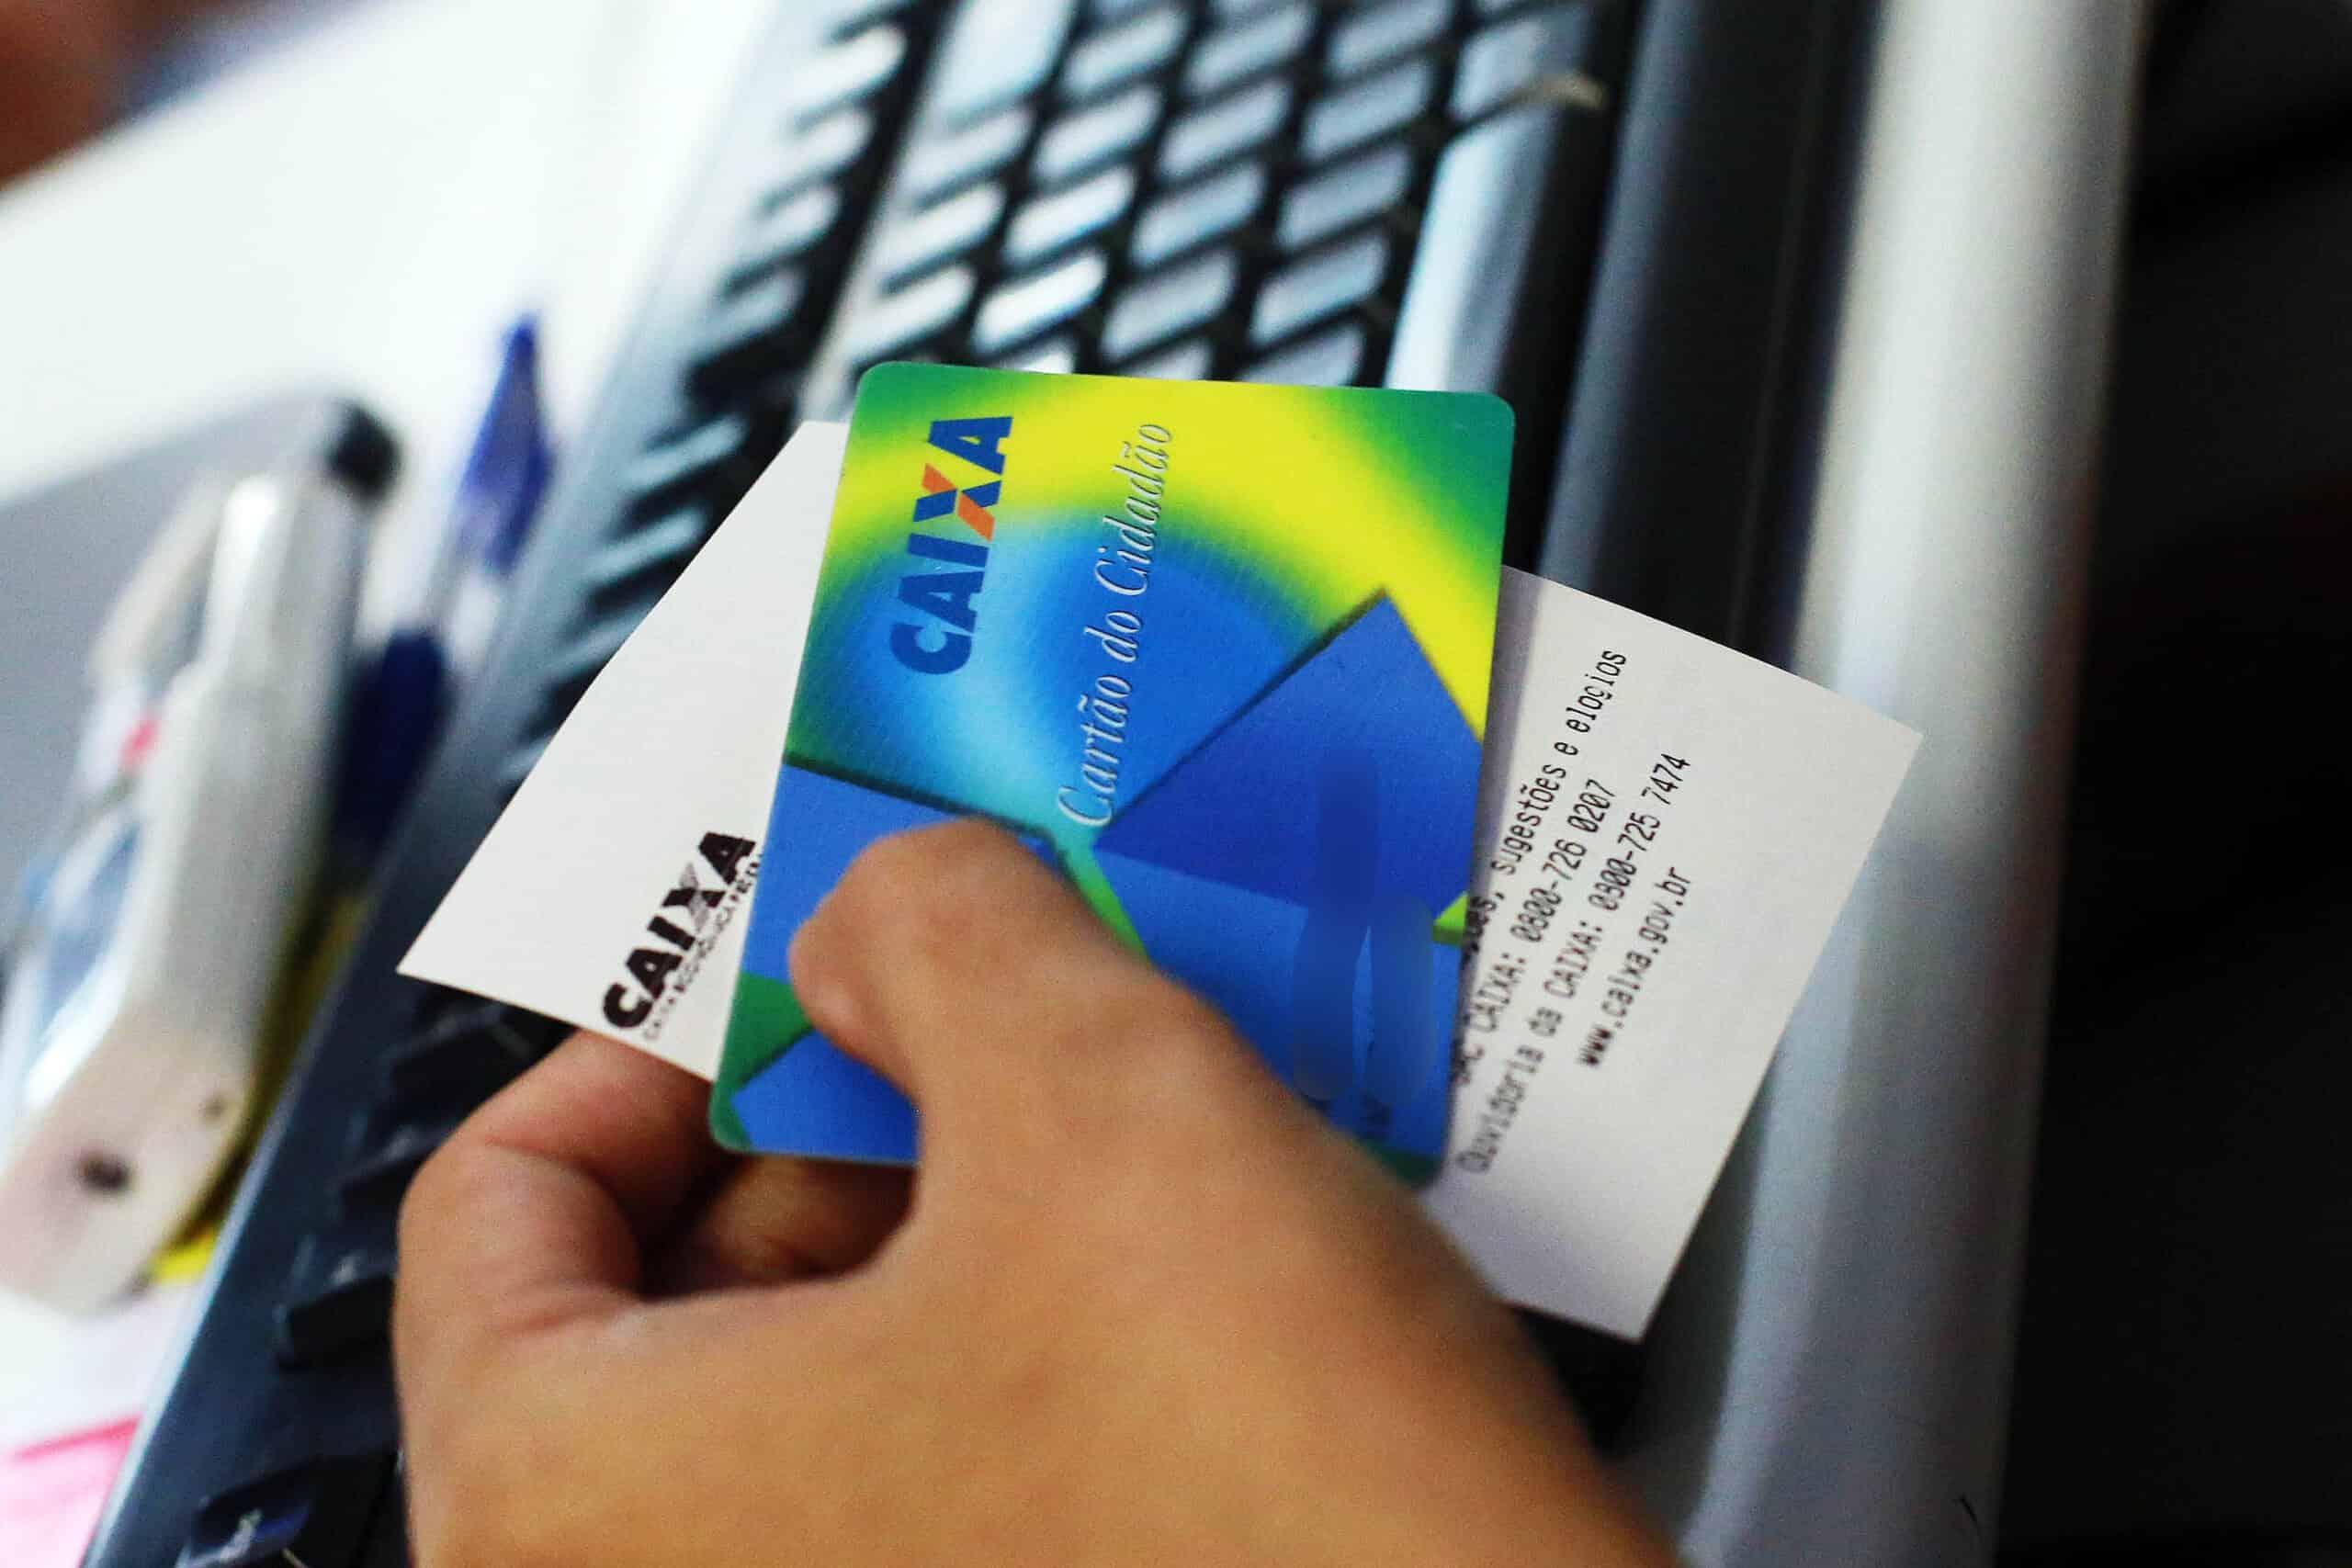 Caixa admite que faz retiradas automáticas de R$500 do FGTS